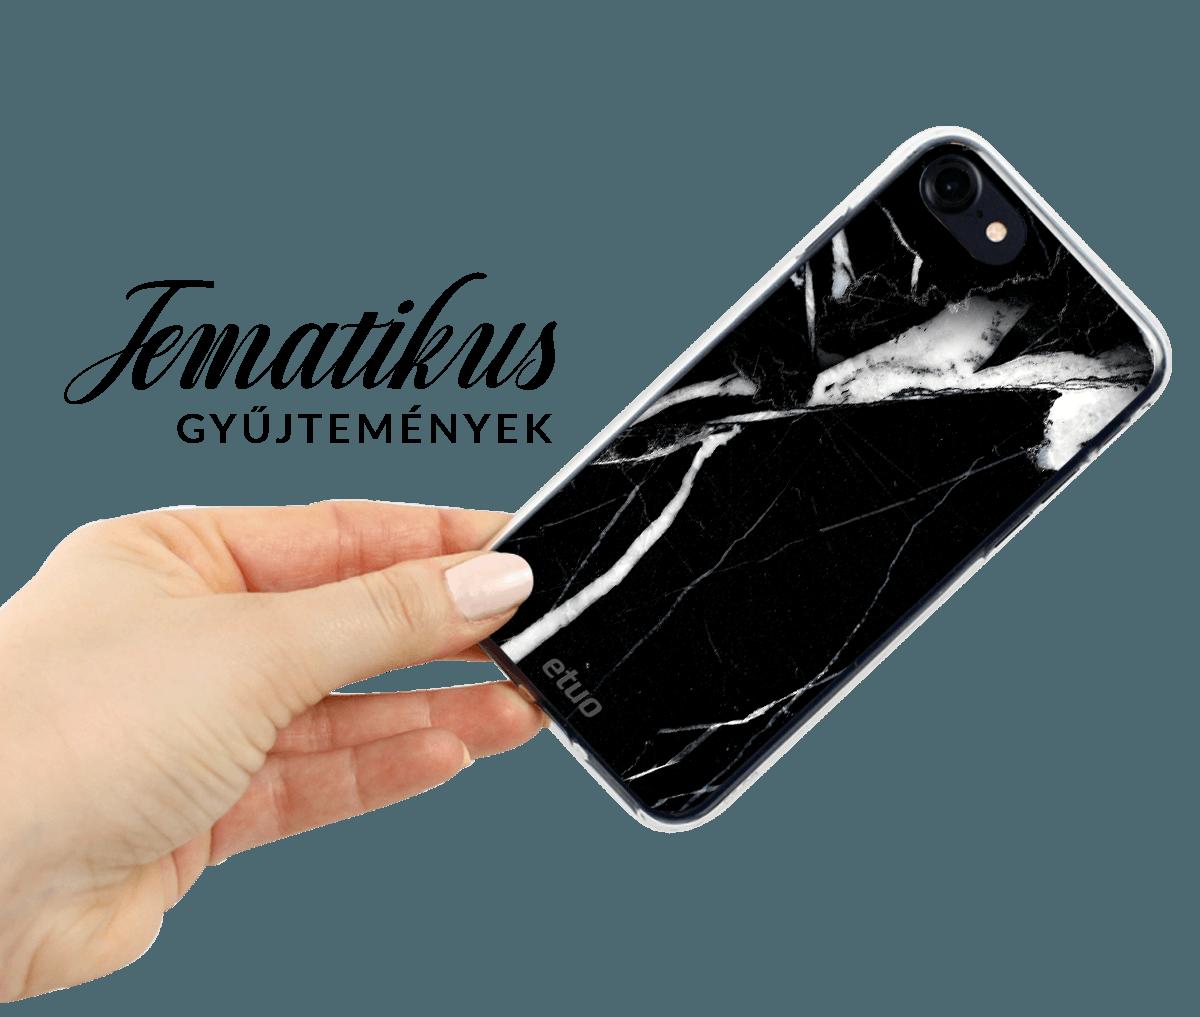 Tematikus telefontok kollekciók